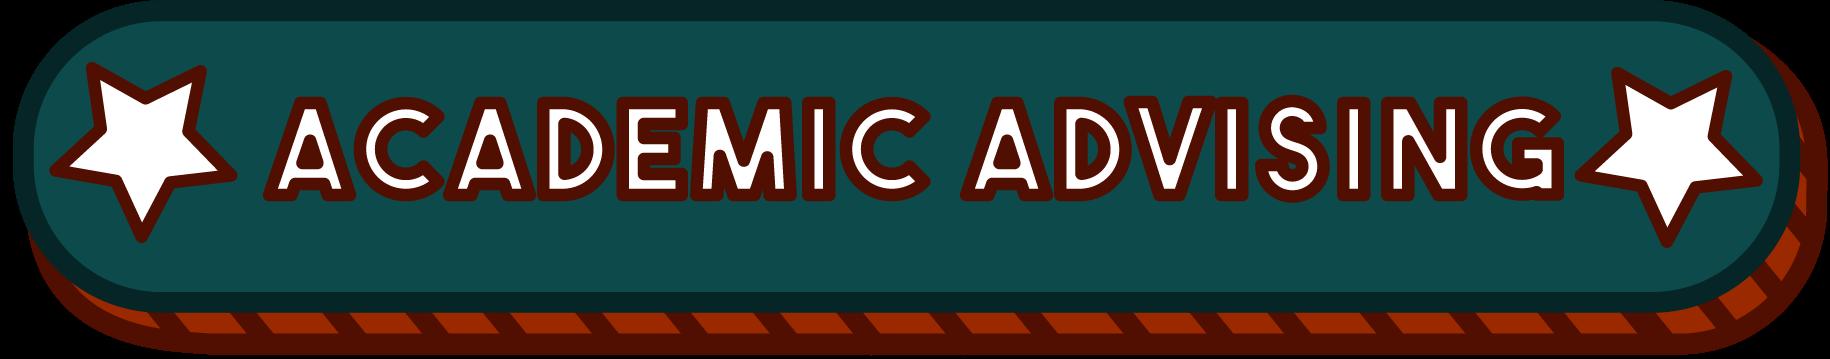 Academic Advising